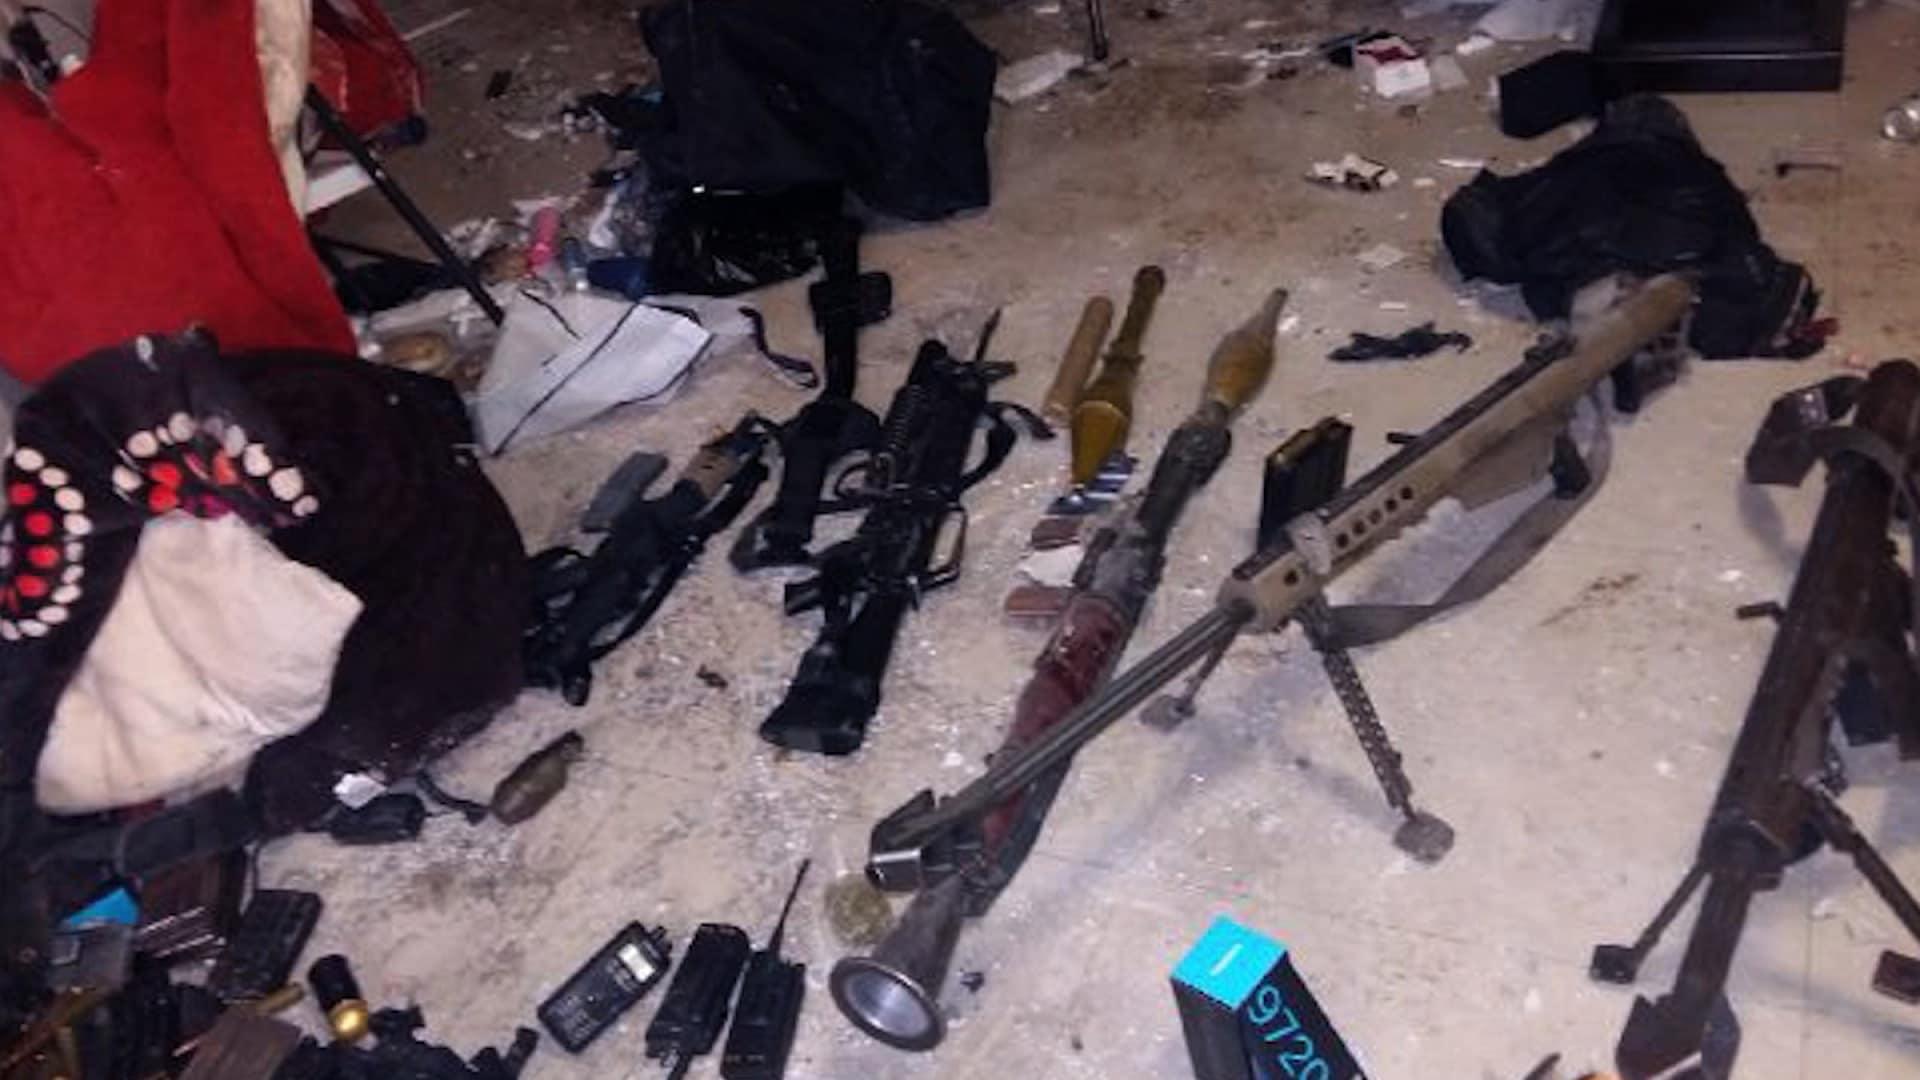 A peak at El Chapo's Sinaloa weapon's stash (3 PHOTOS)